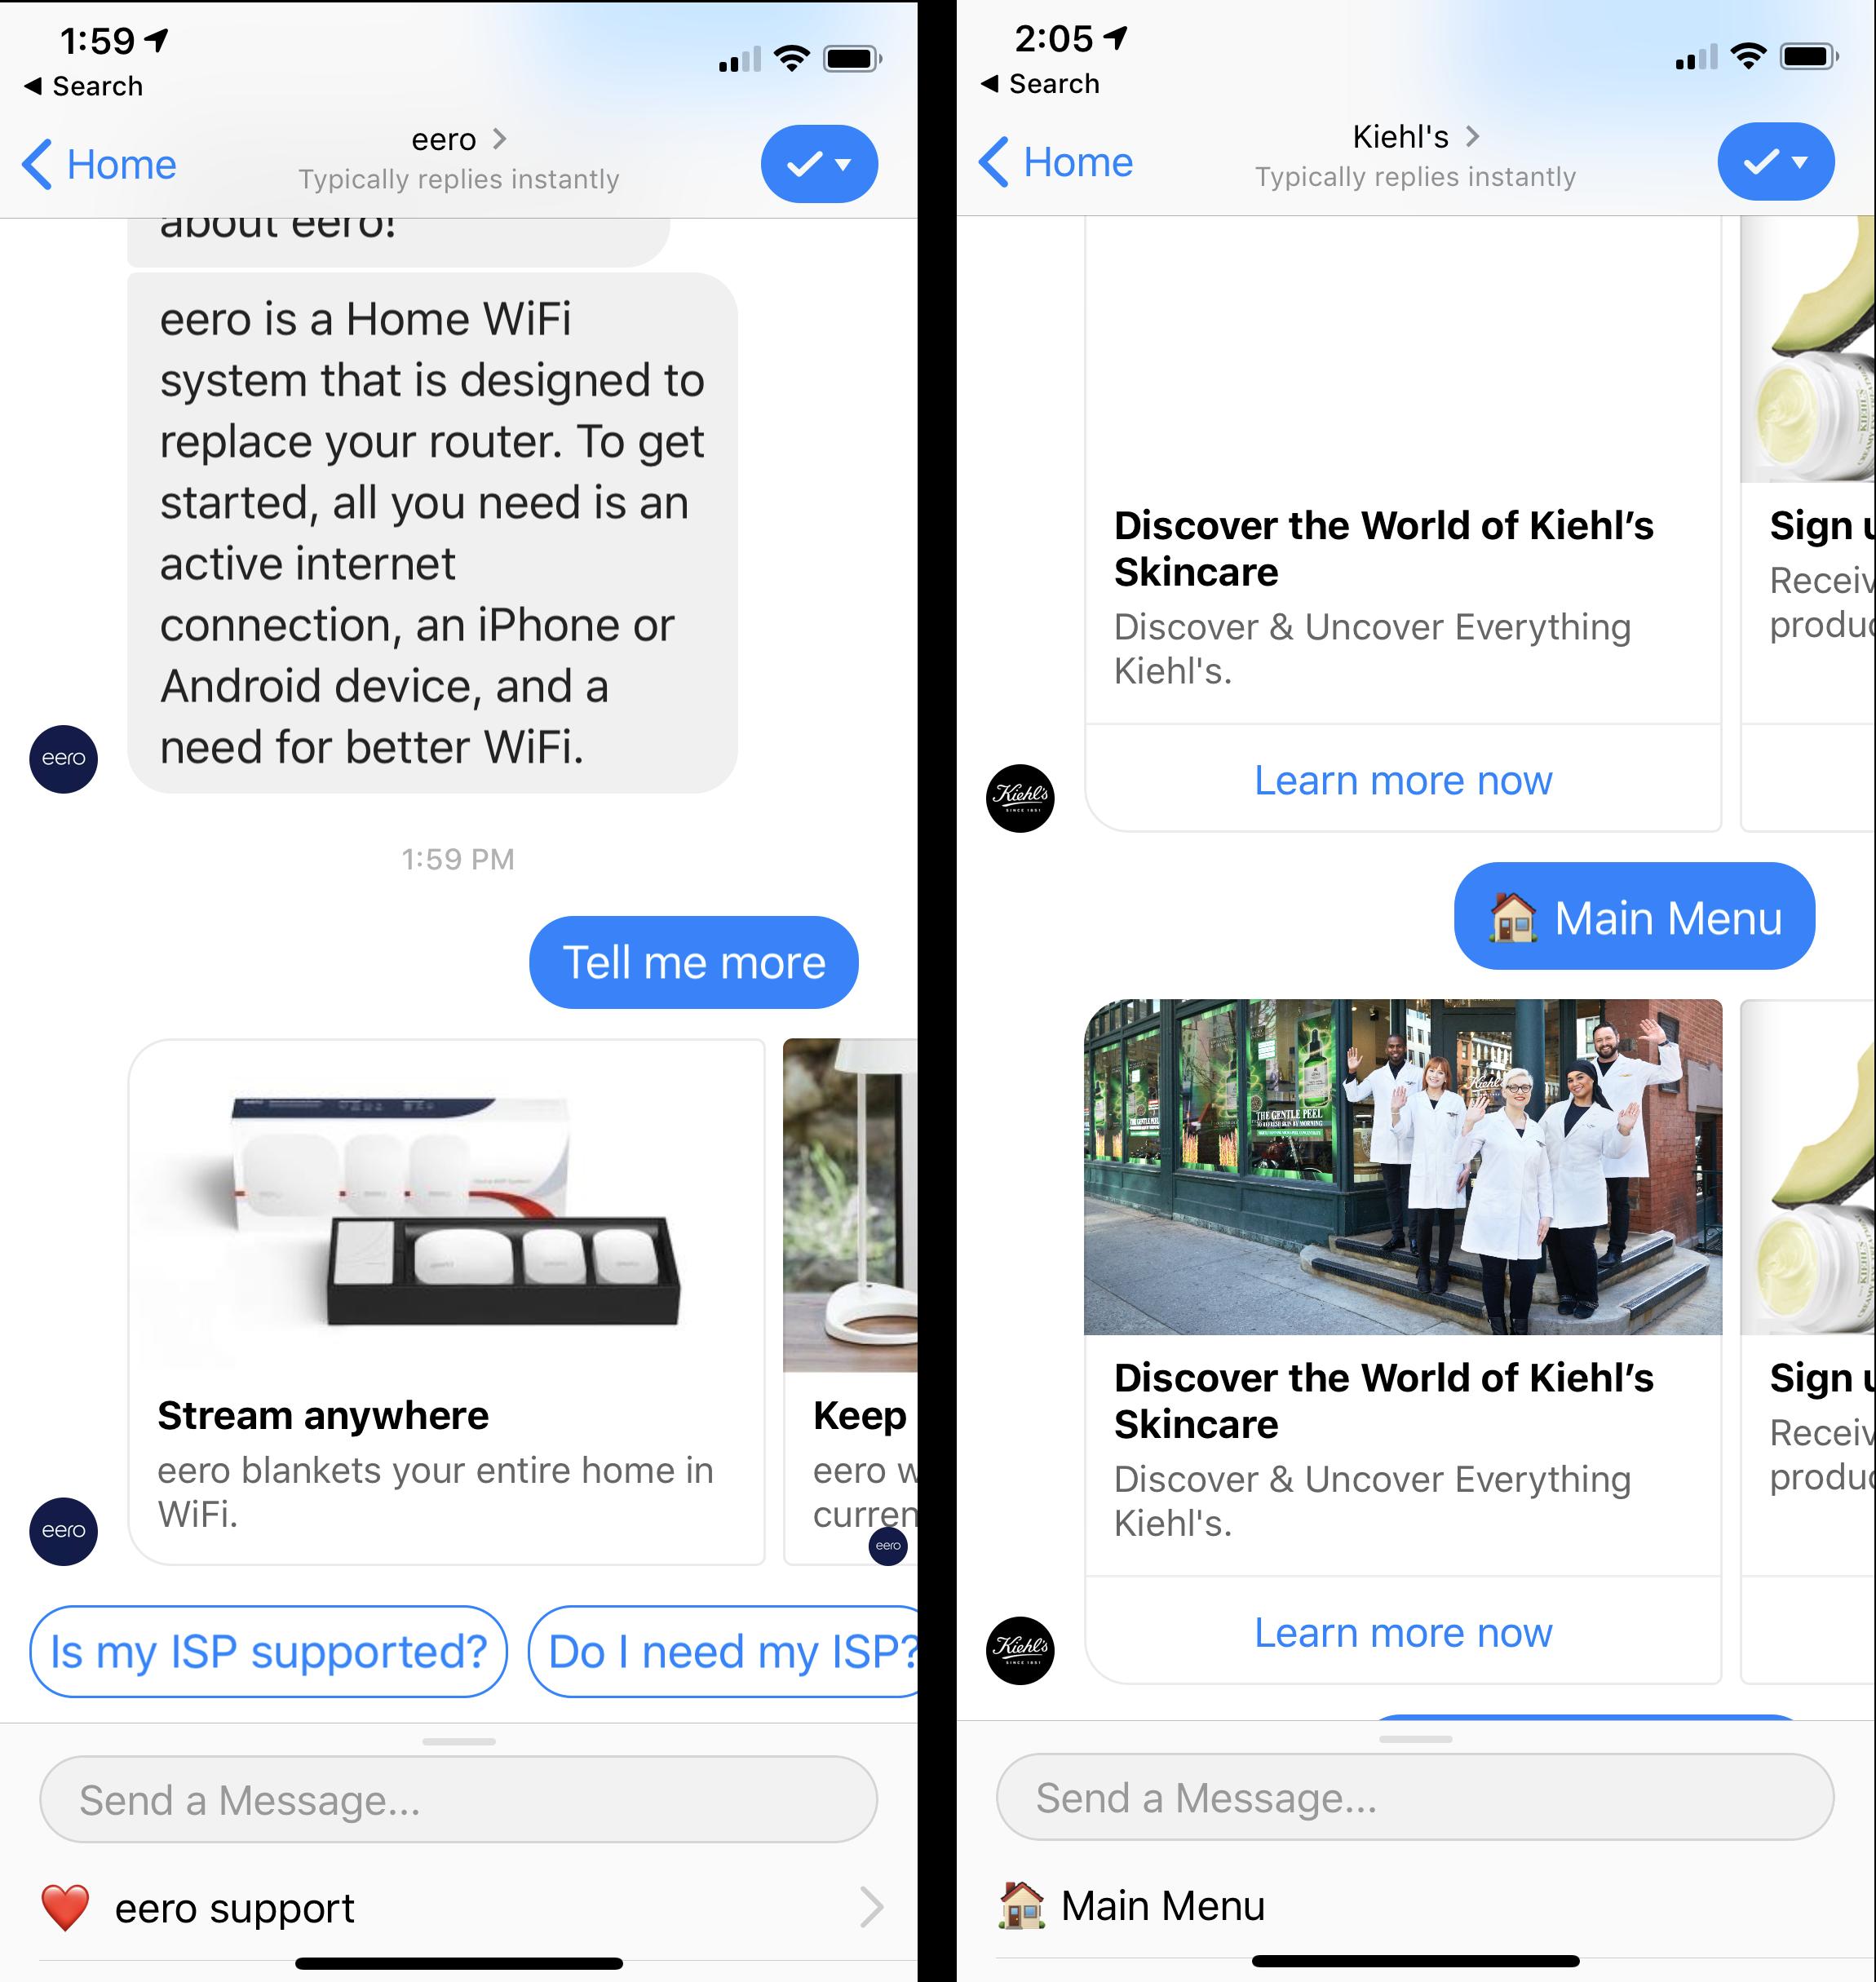 Eero for Messenger (слева): В ответ на «Расскажи мне больше» бот показал карусель с несколькими изображениями и набором возможных продолжений (текст в закругленных прямоугольниках). Пользователи ожидали, что смогут нажать на элементы карусели, но это не были ссылки. Kielh для Messenger (справа): большие изображения в карусели не были недоступны, но ссылки под ними ( узнайте больше сейчас ) были.